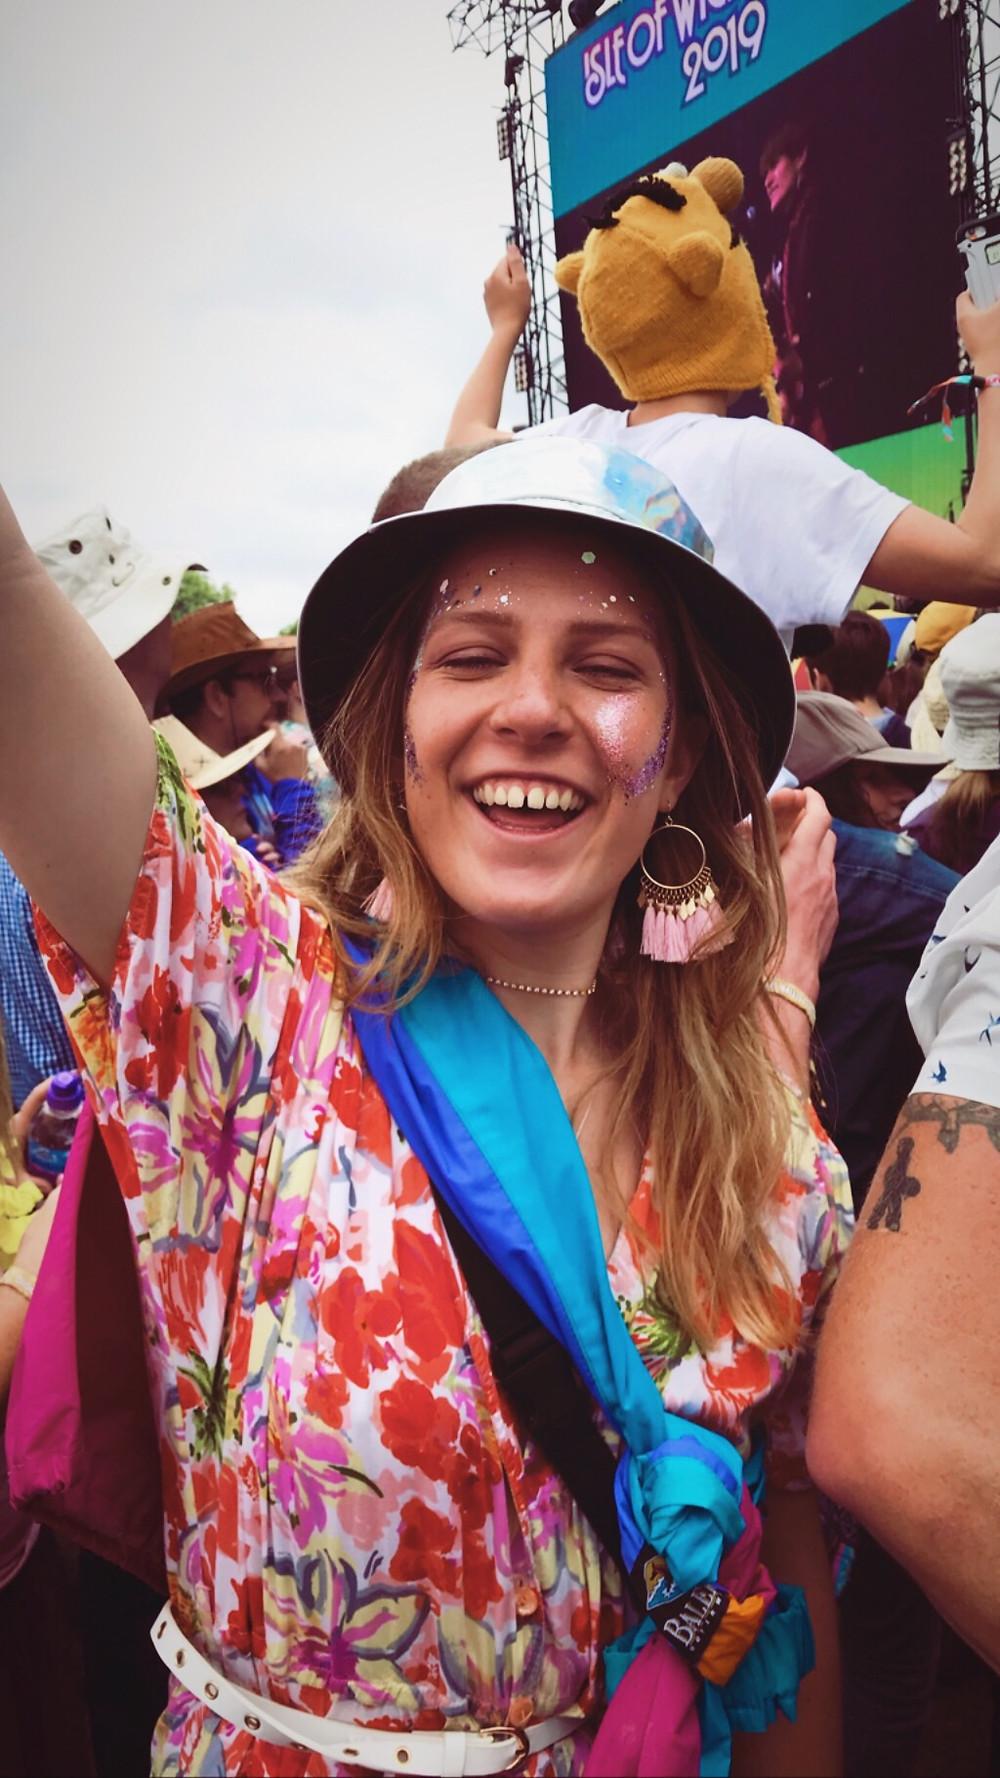 Celebrating life at isle of white festival